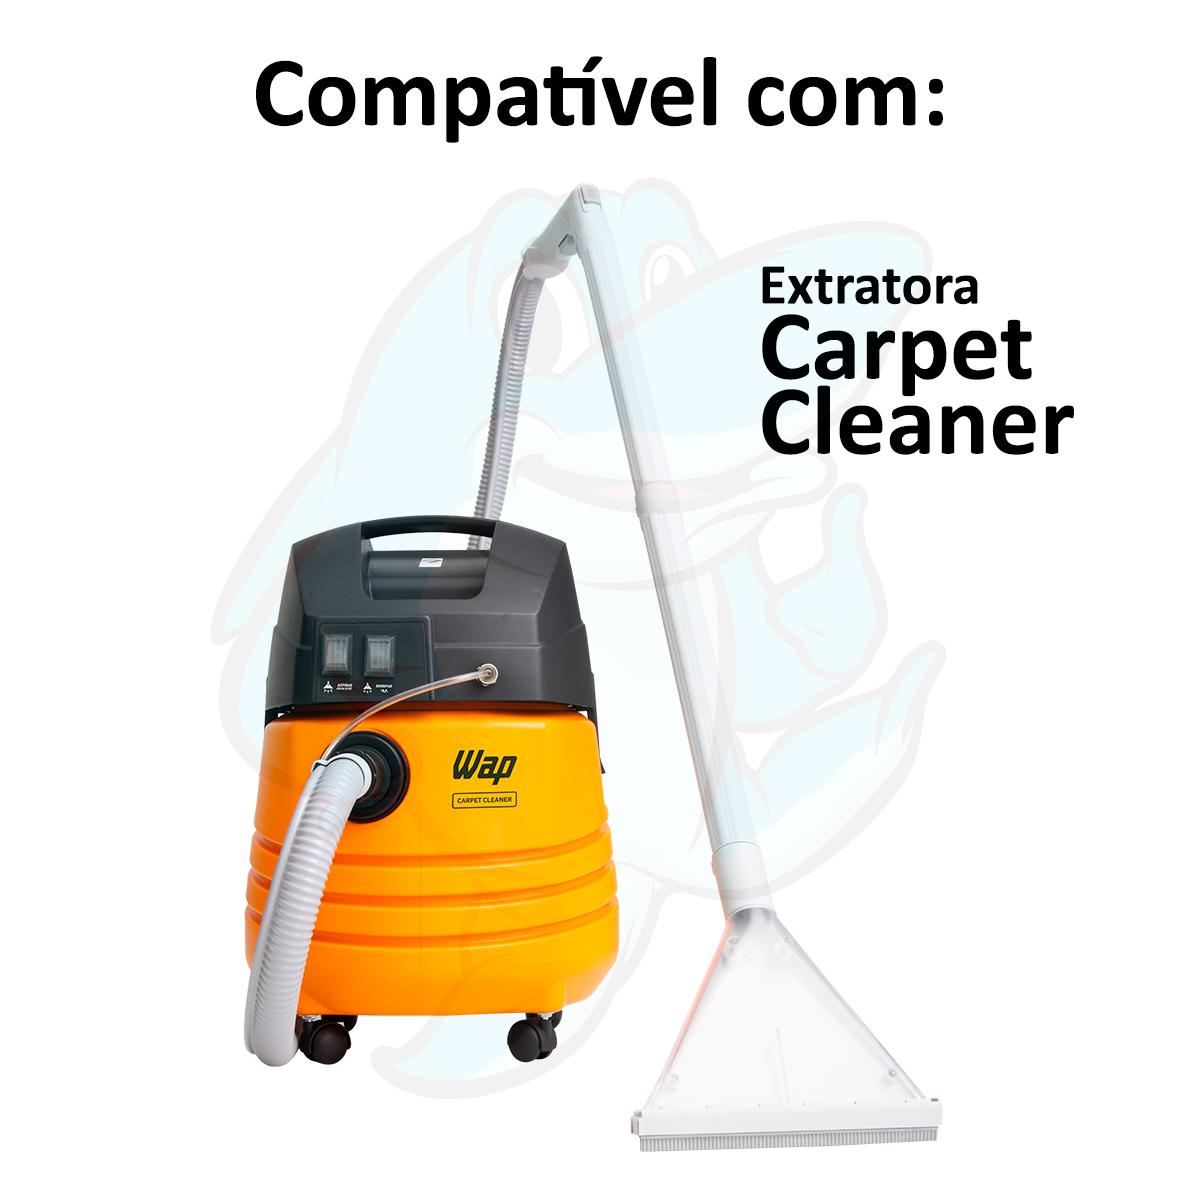 Bico para Extratora Wap Carpet Cleaner grande transparente 36mm Original